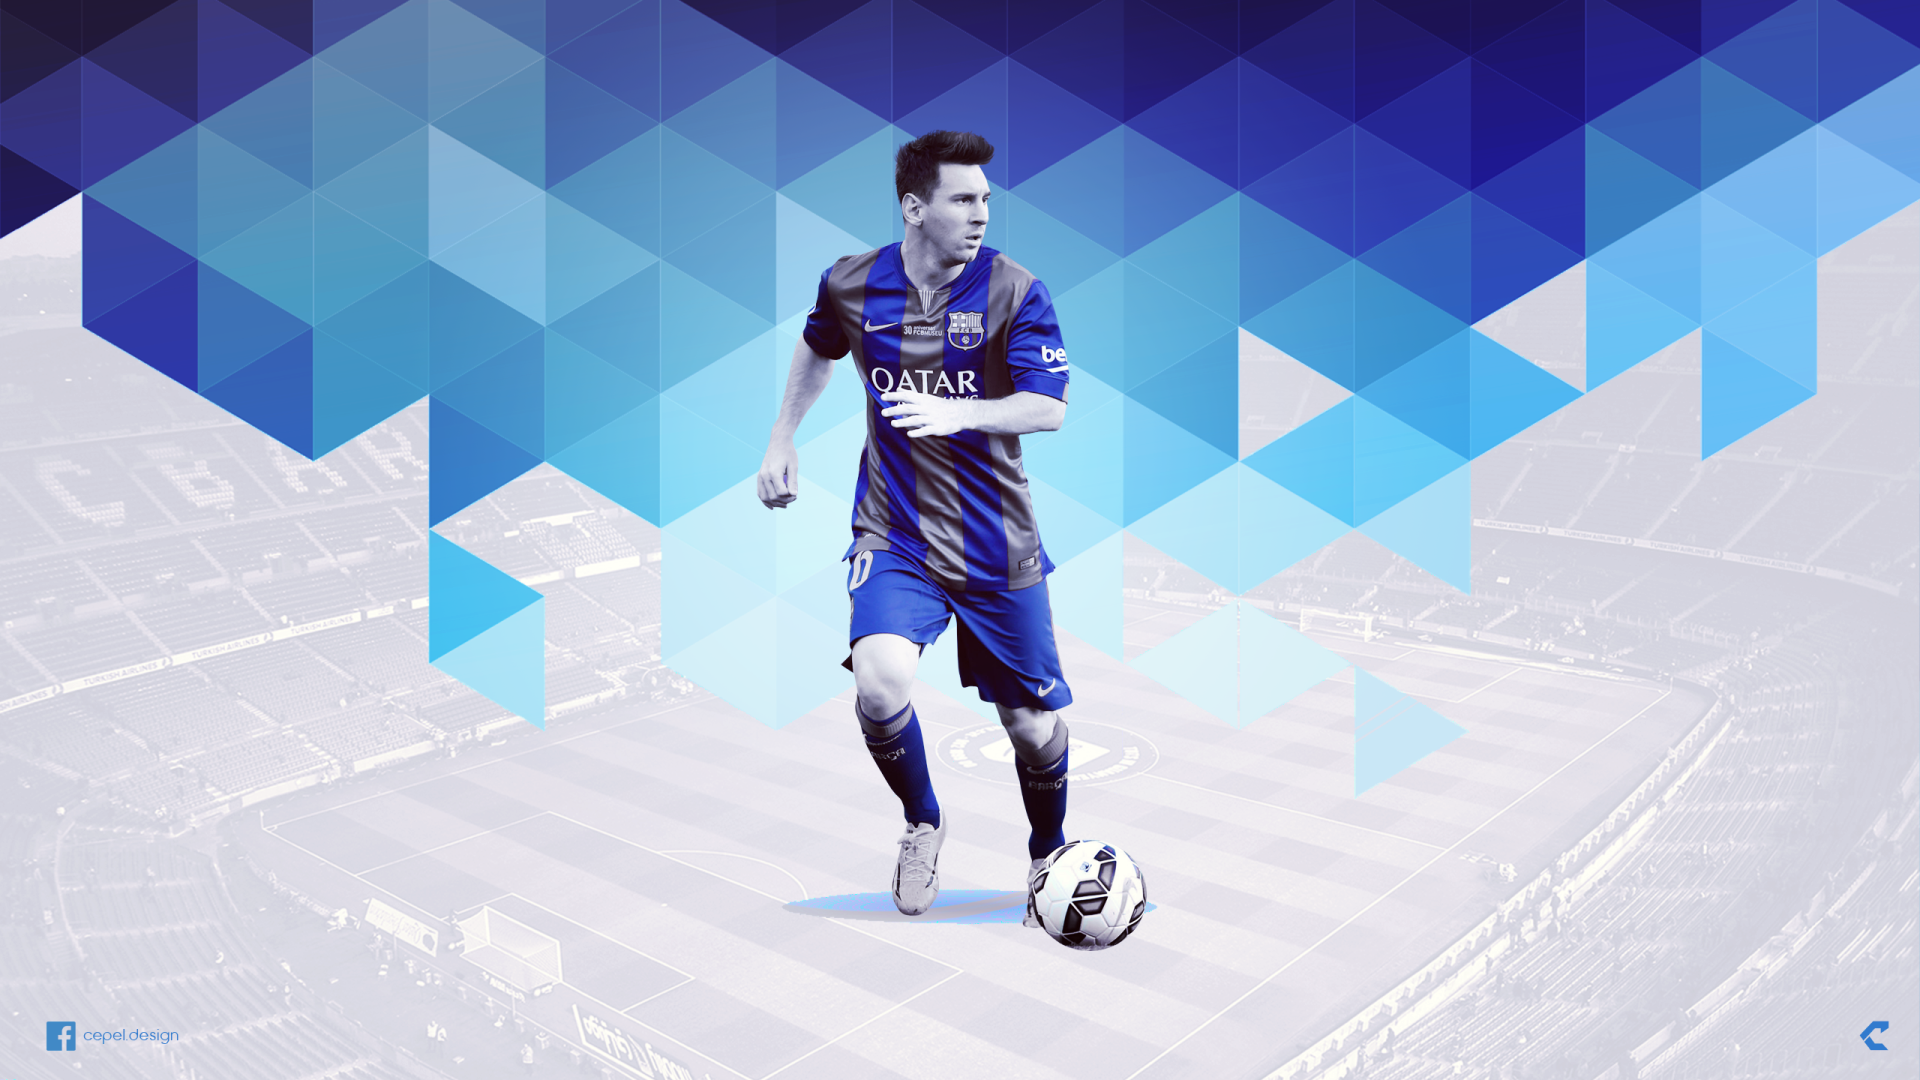 Fondos Wallpapers Hd: Fondos De Pantalla De Leo Messi, Wallpapers HD De Lionel